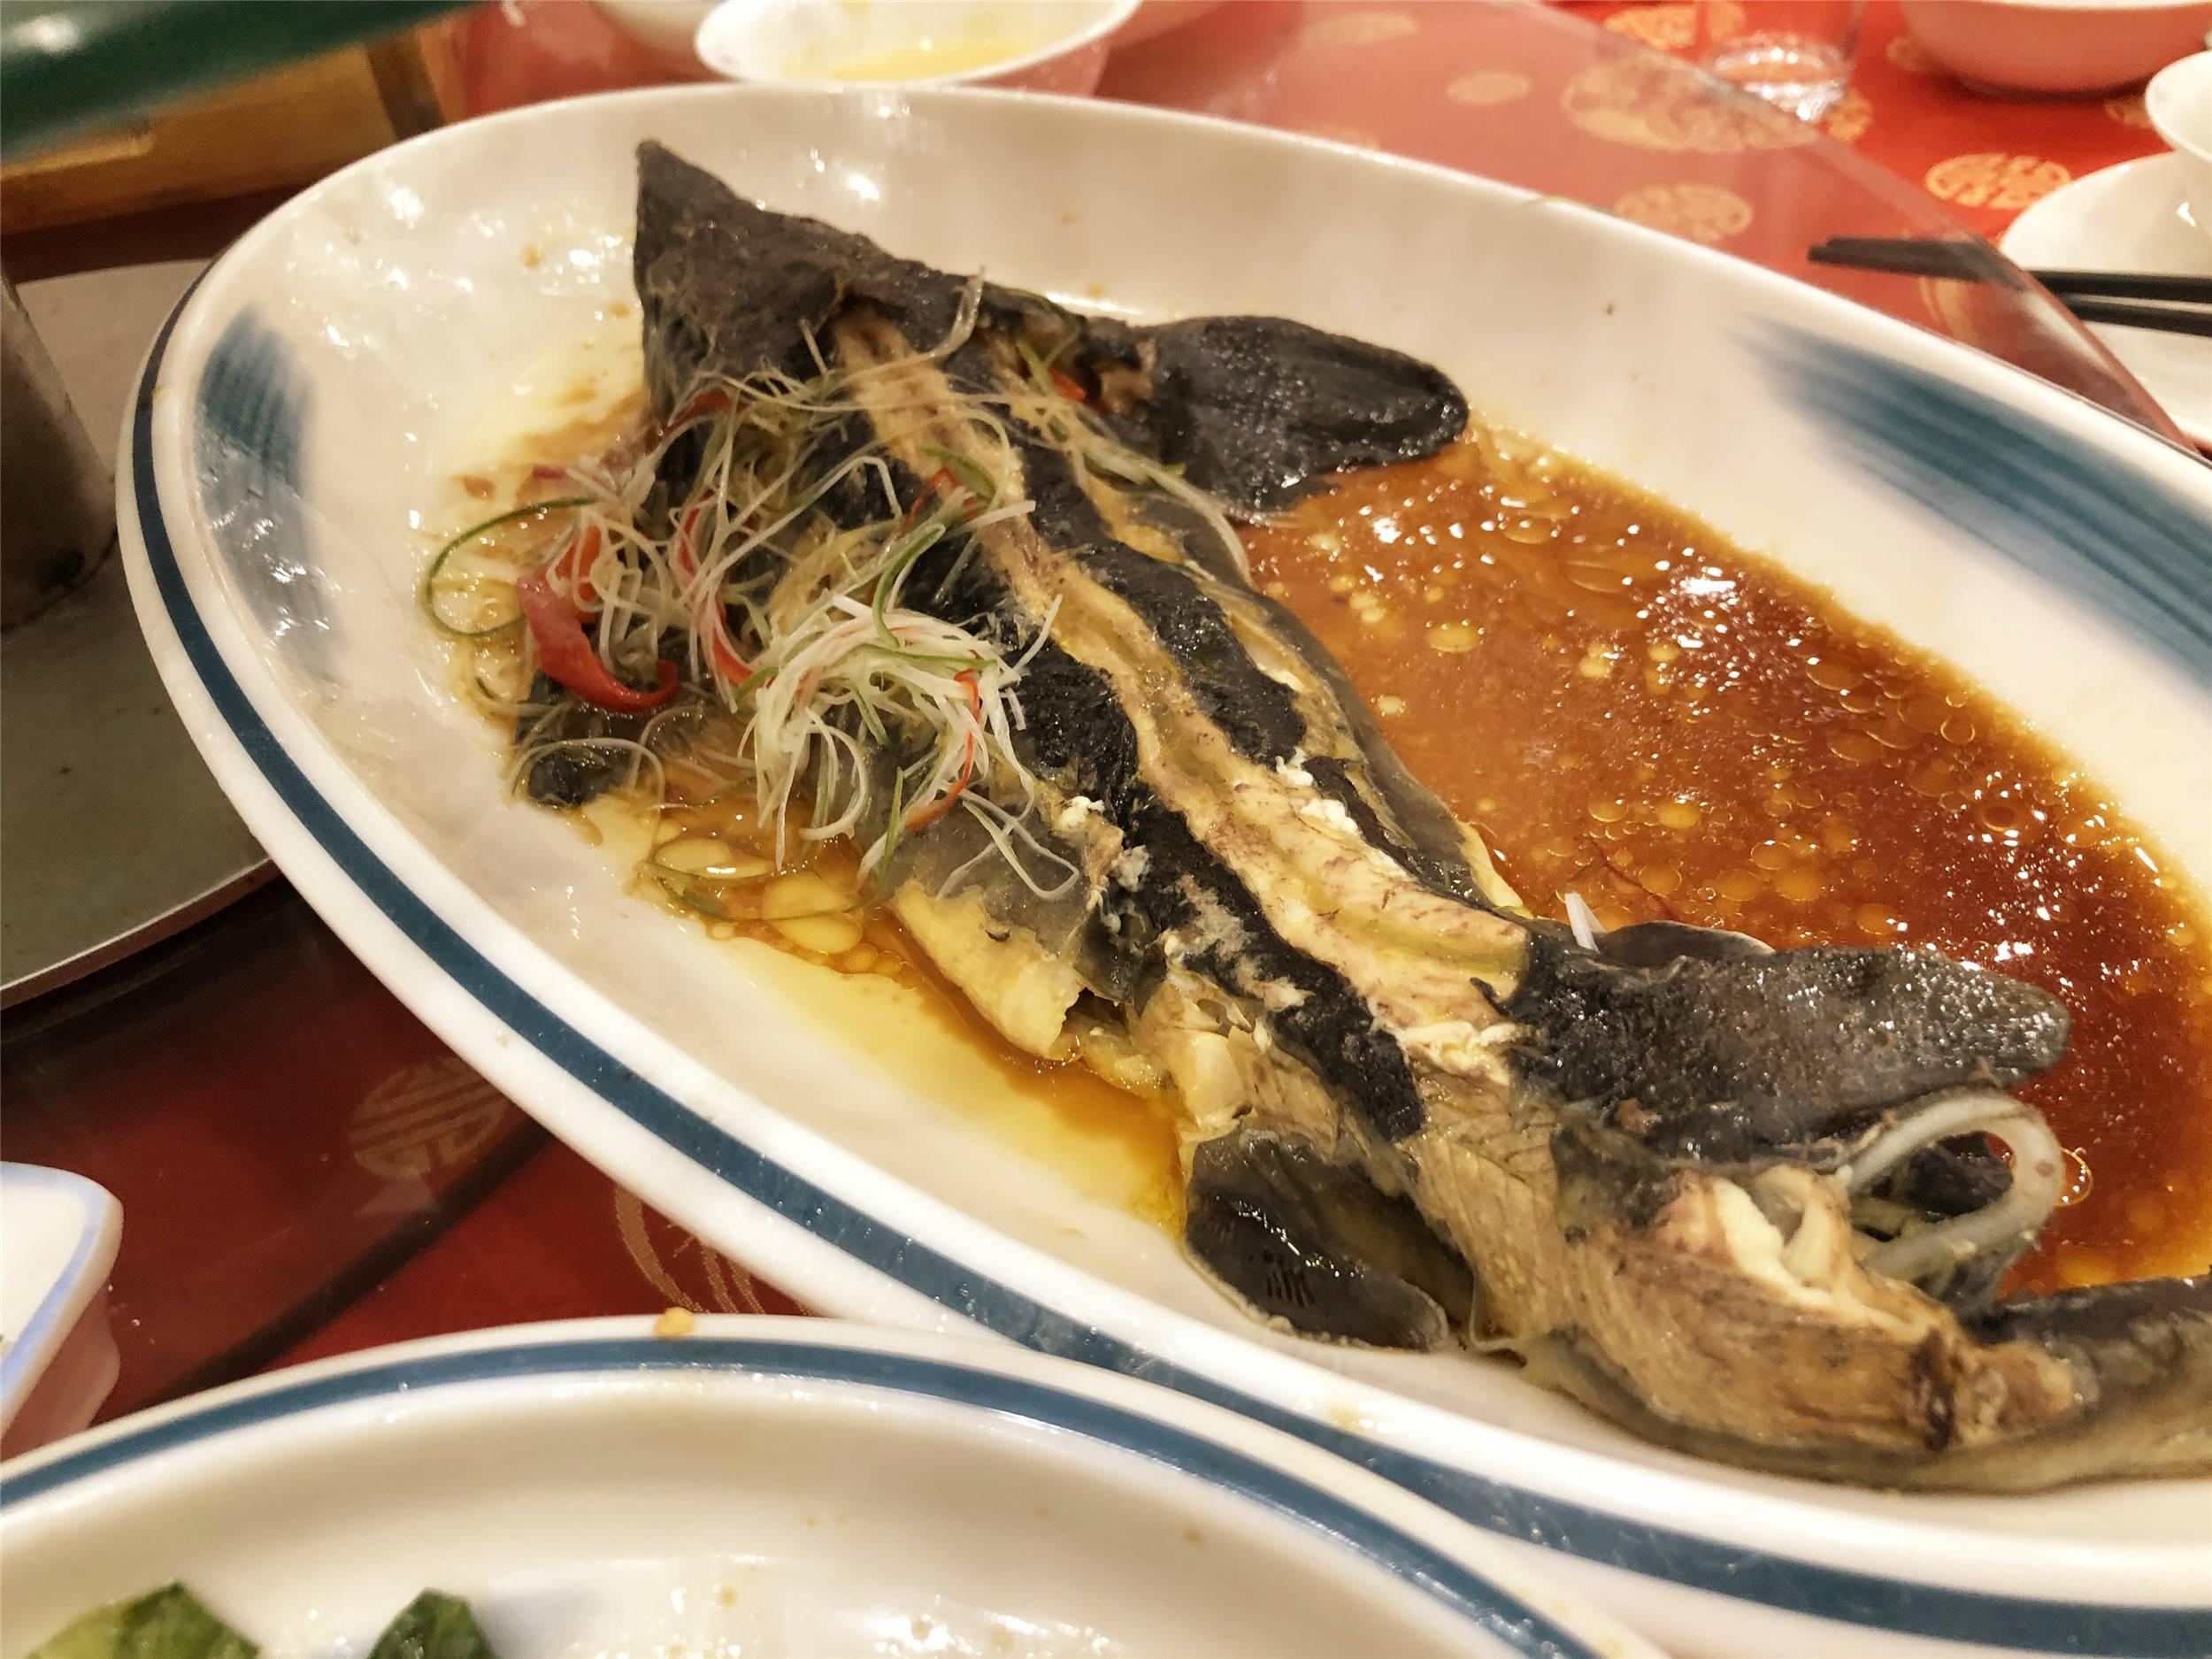 在河南参加婚宴,800元一桌走红朋友圈,网友:还是老乡懂实惠啊